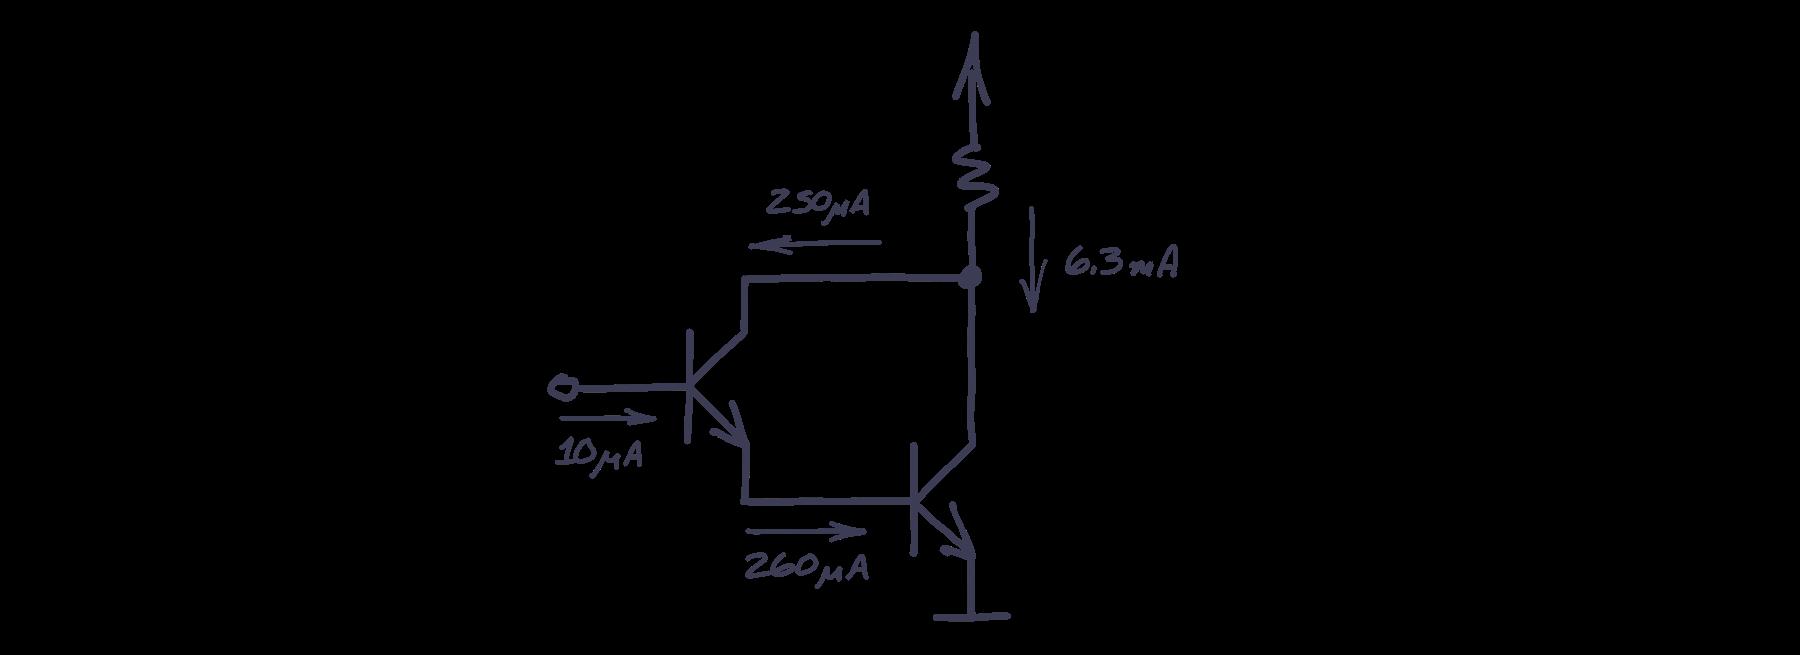 components_bjt-darlington-01.png